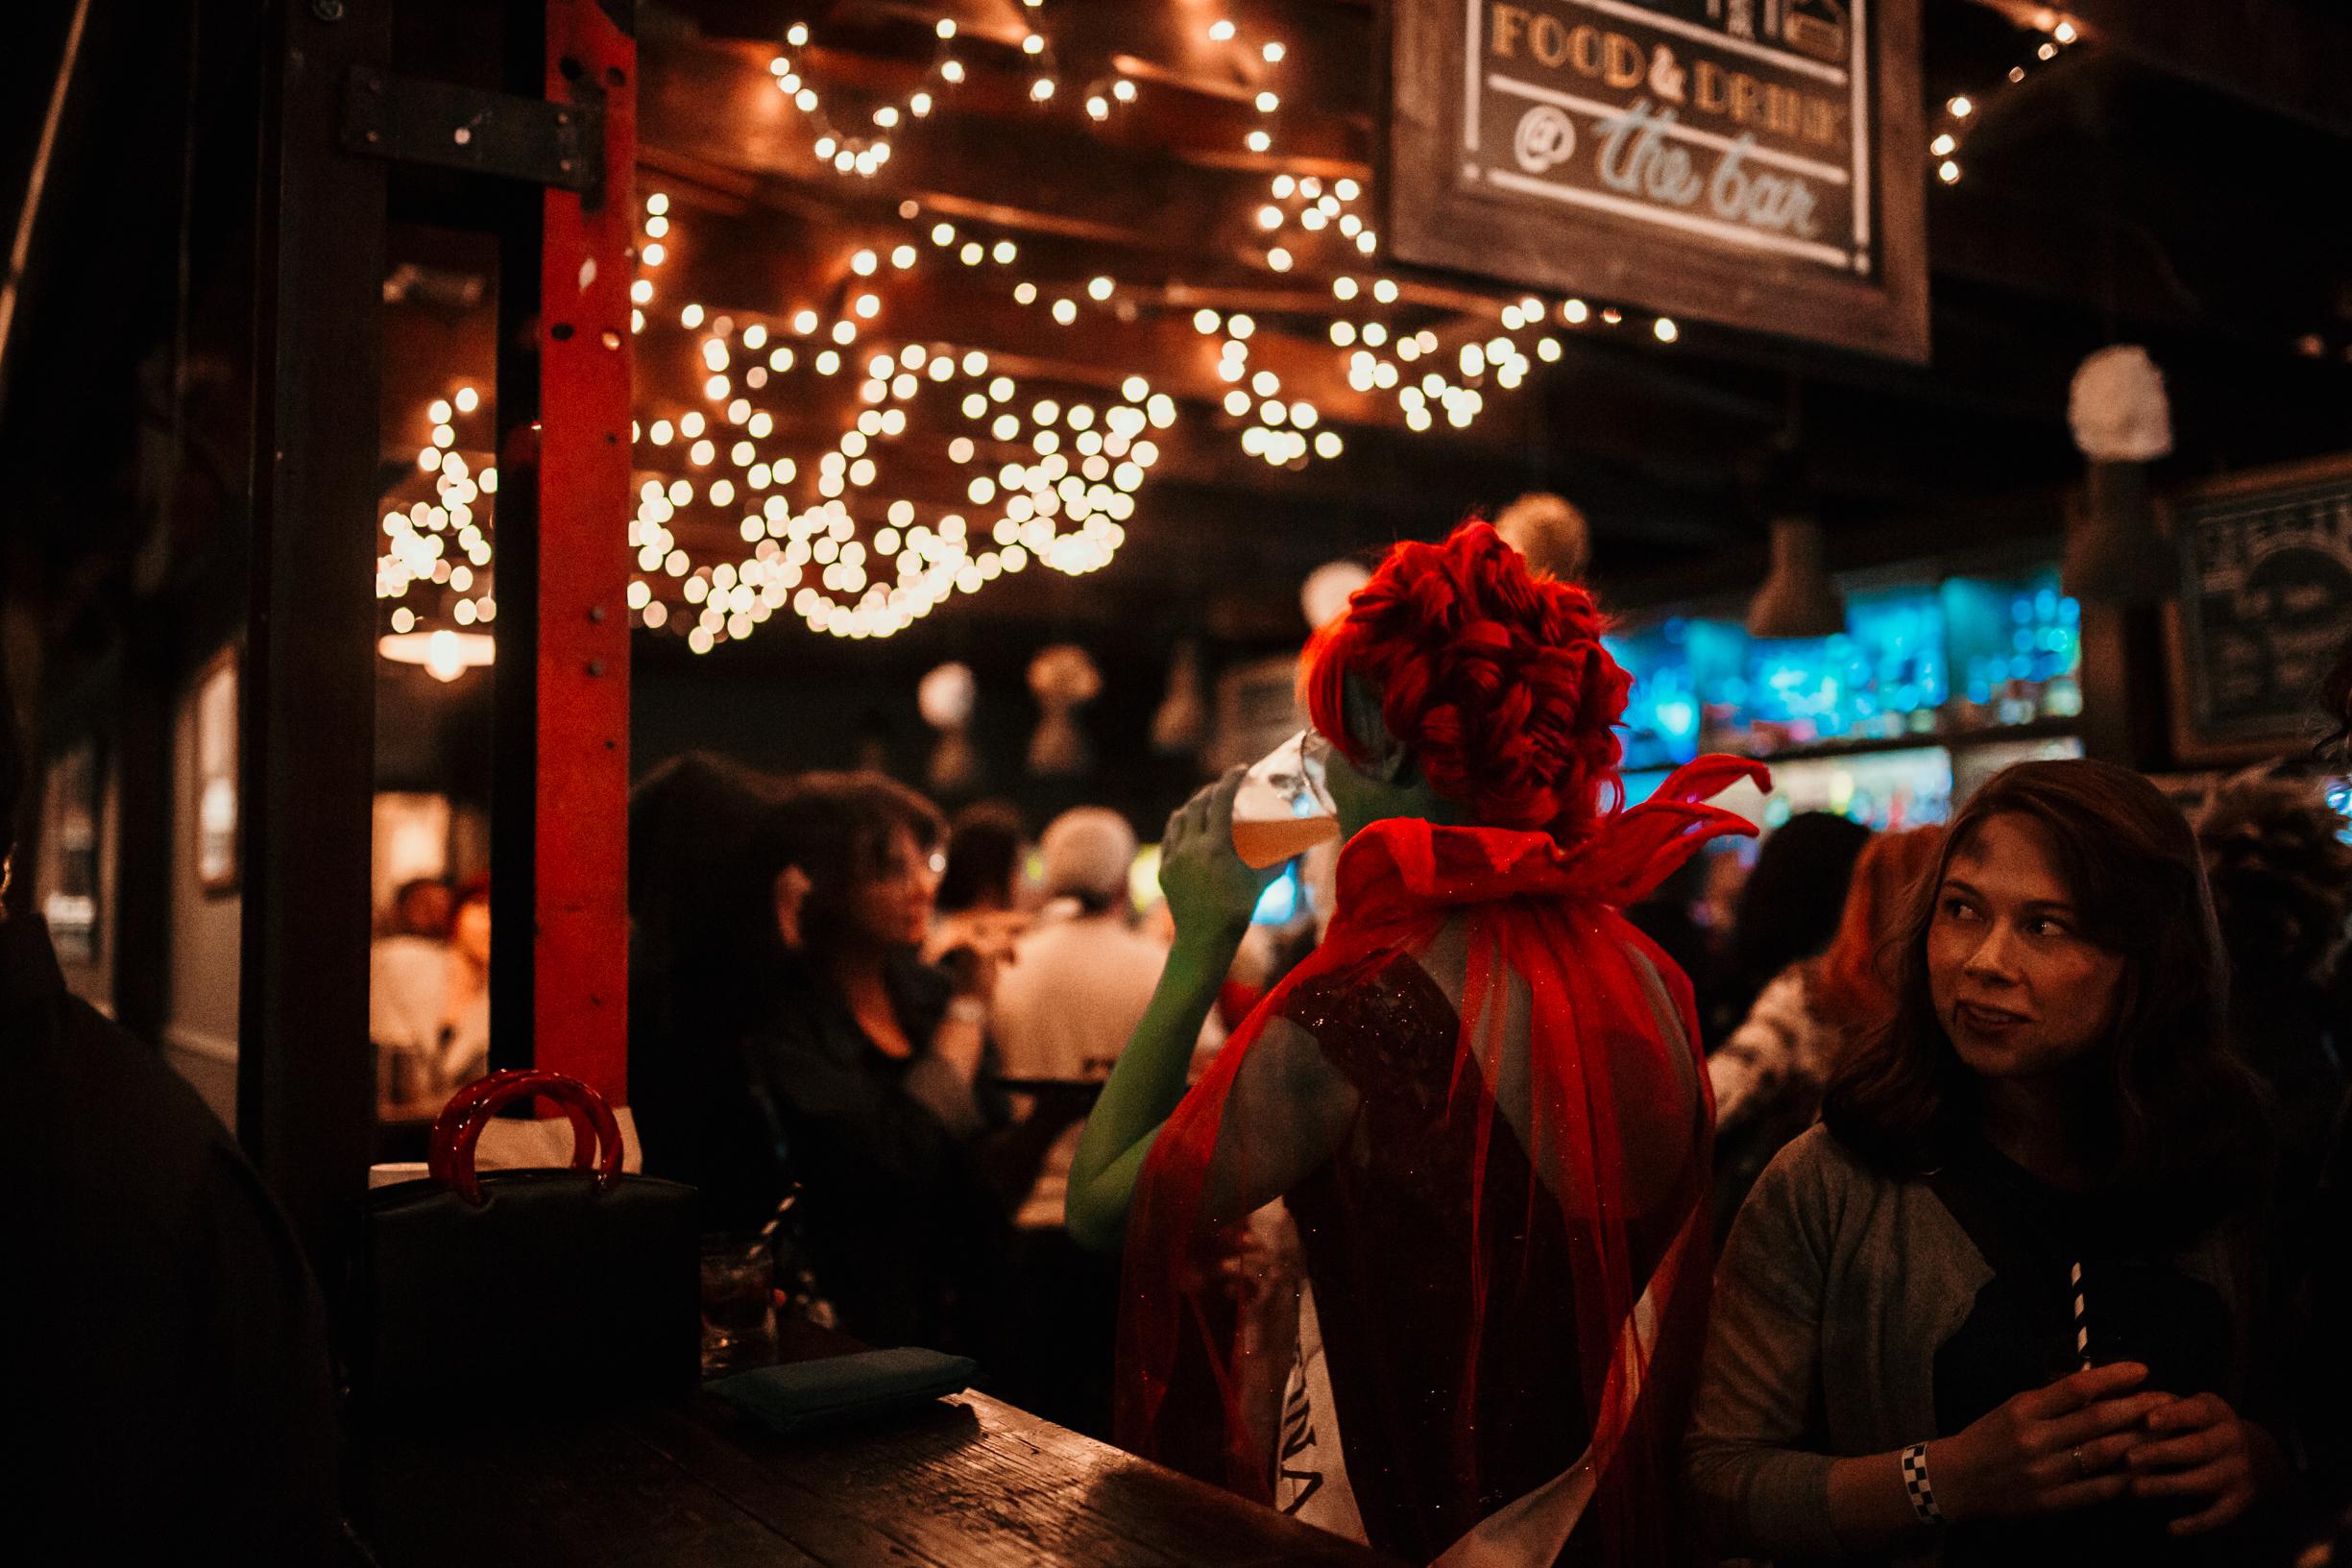 FEVA Winona Ryd or Die 4-14-18 Butchertown Social Crystal Ludwick Photo LOW RES (37 of 163).jpg